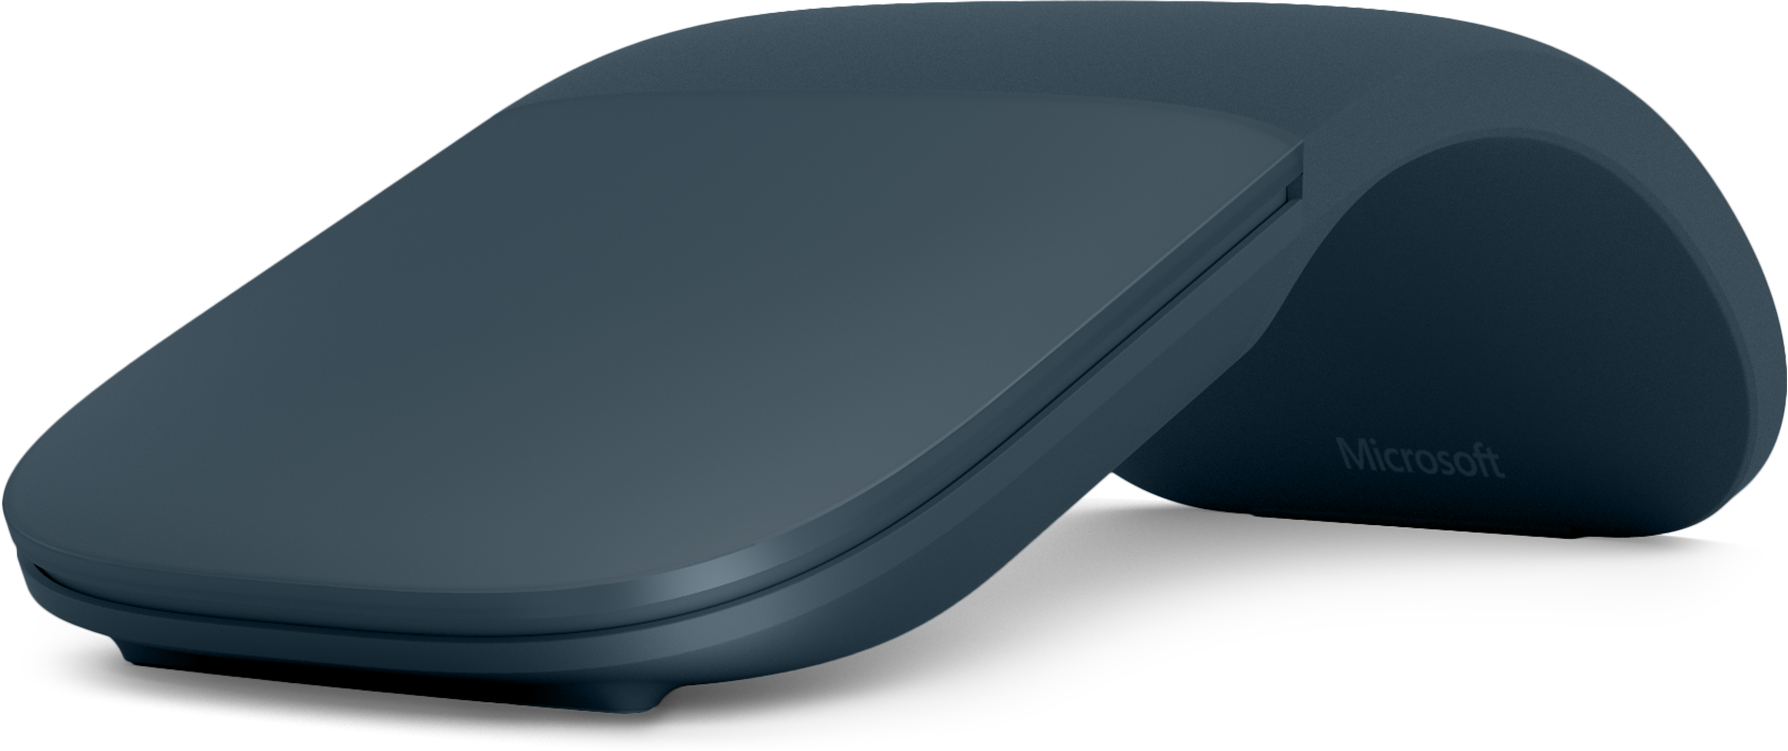 Surface Arc Mouse (Cobalt Blue)